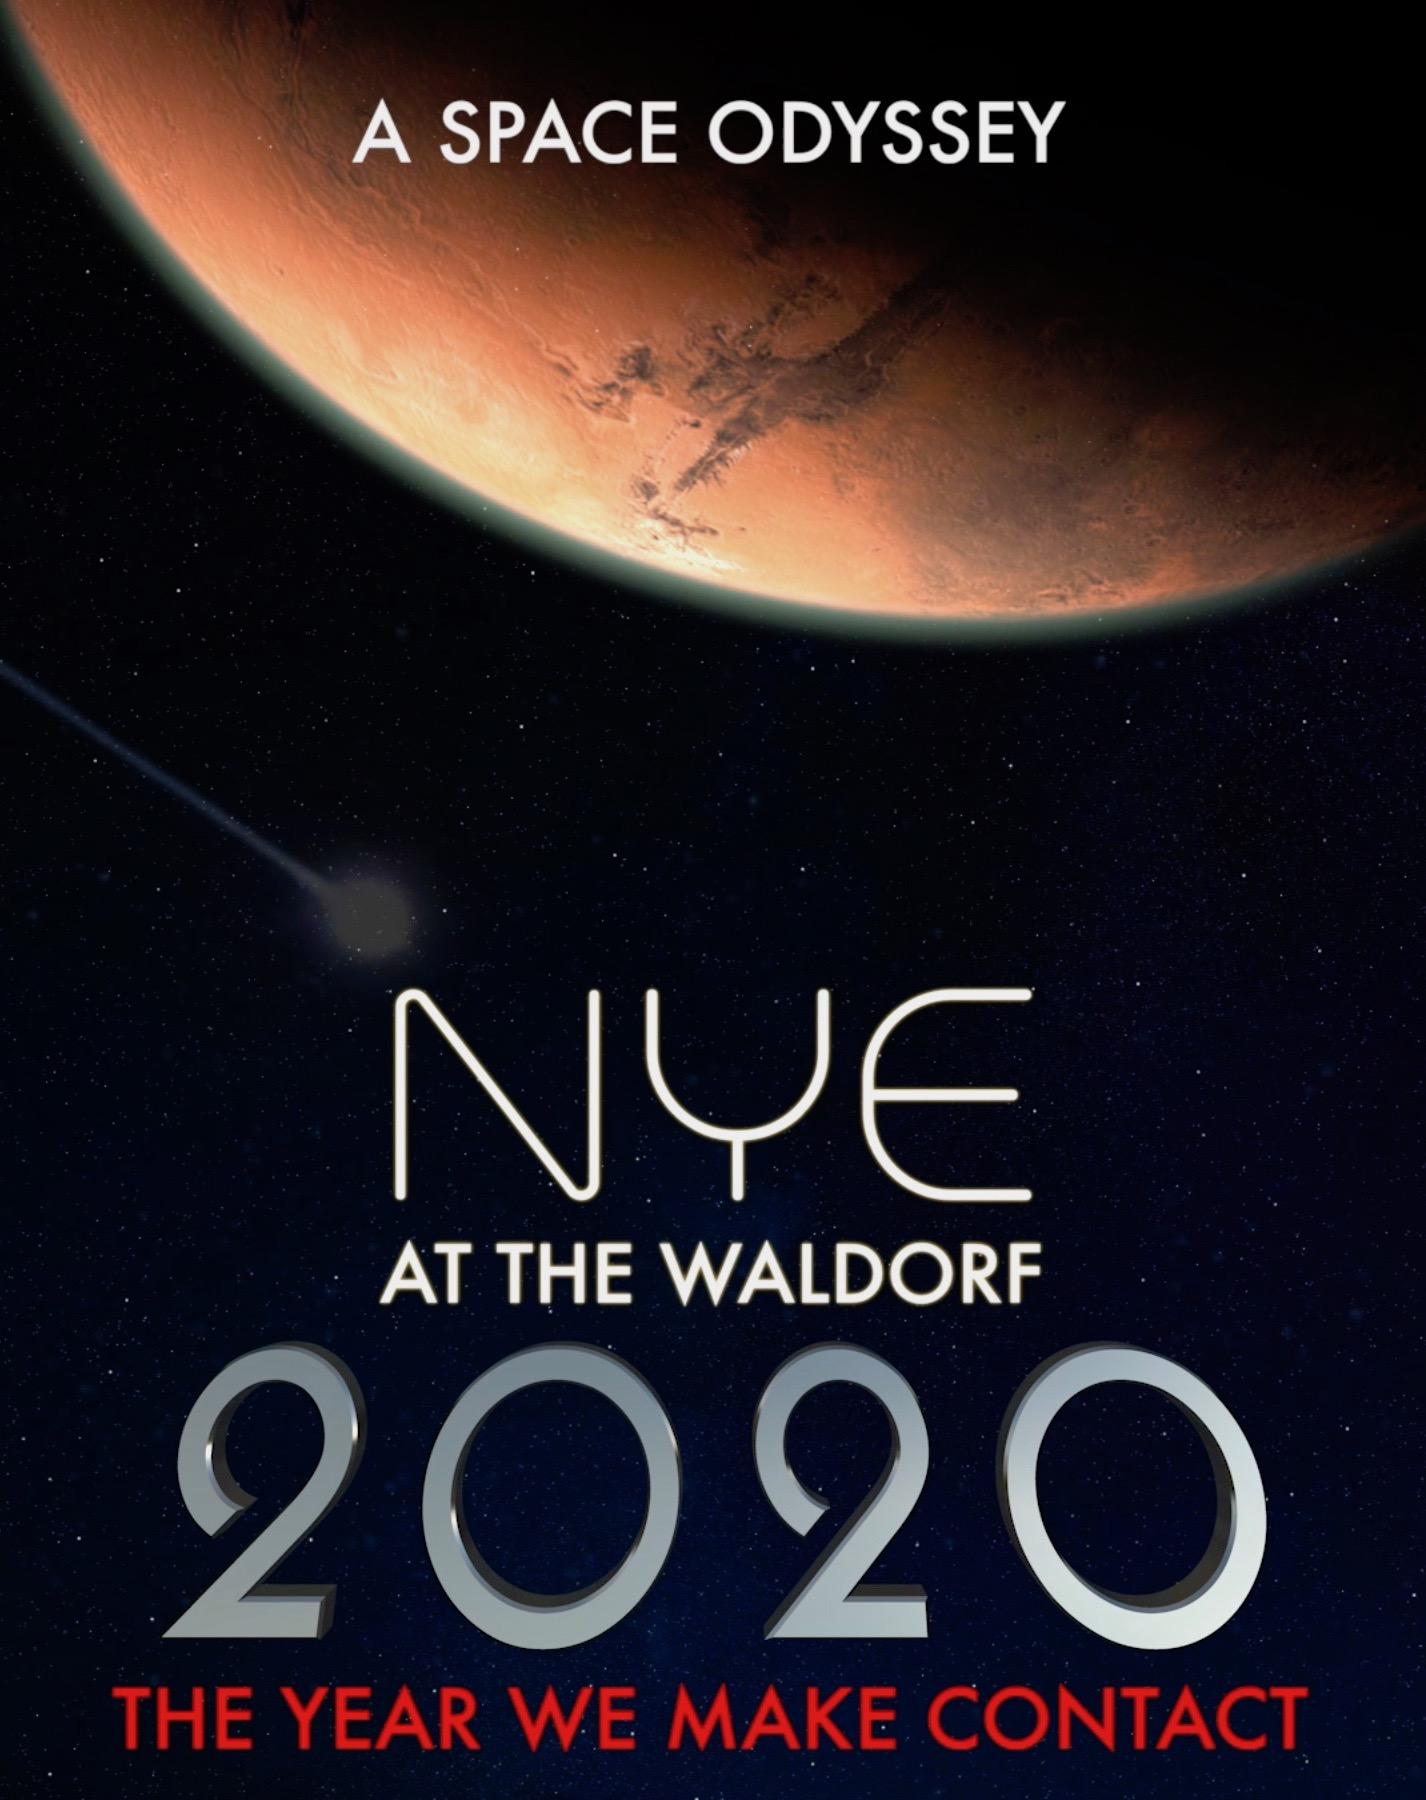 NYE 2020 at The Waldorf